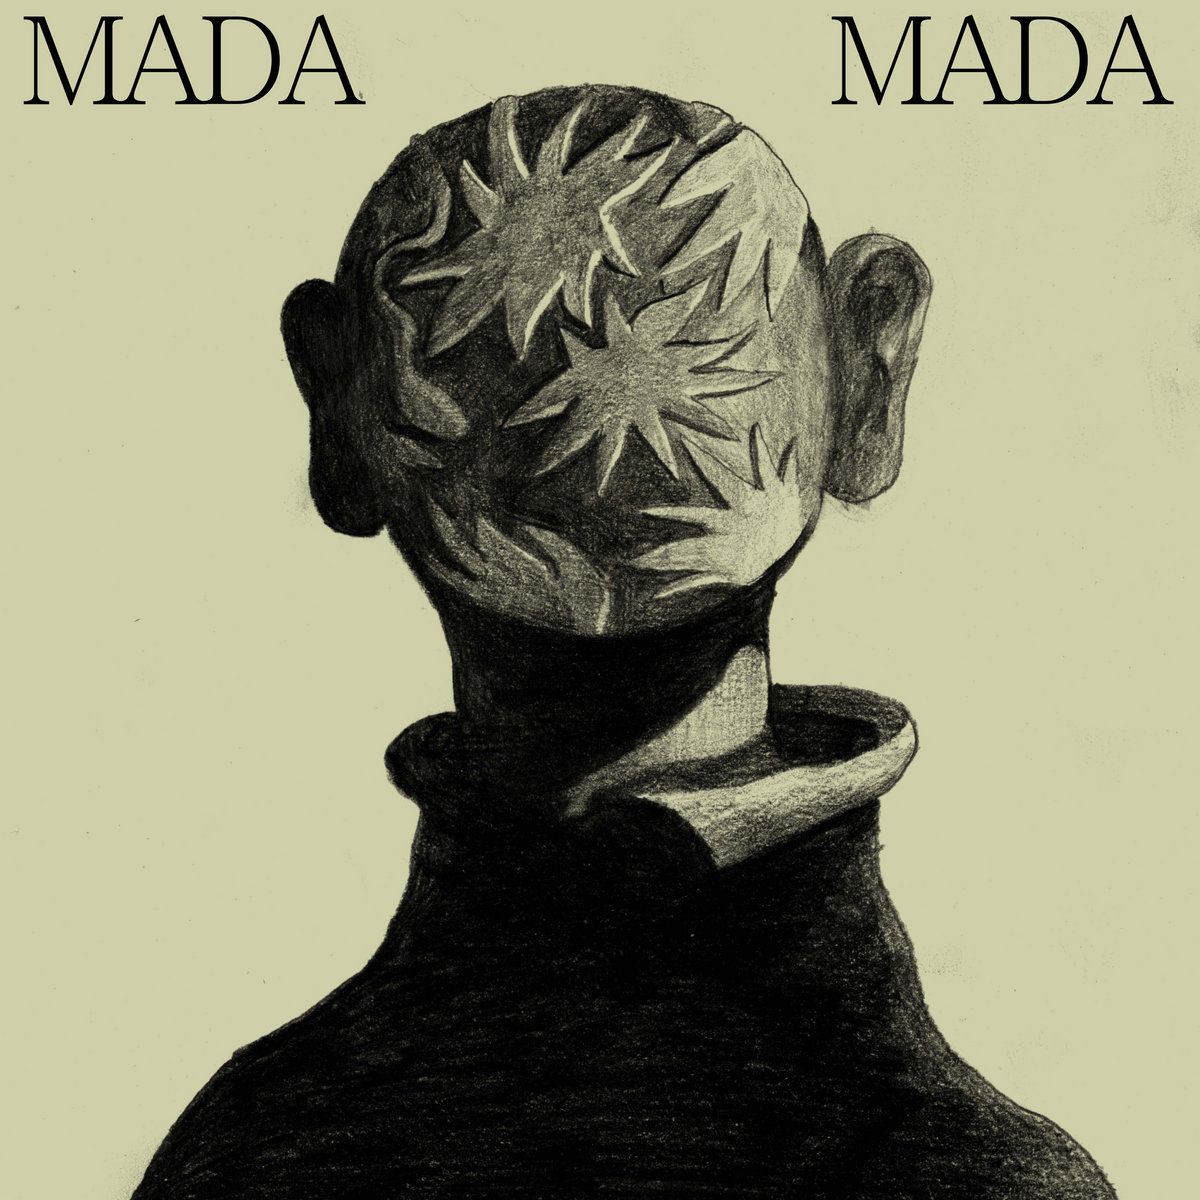 Corridor Mada Mada Mada mada has disabled new messages. mada mada bandcamp